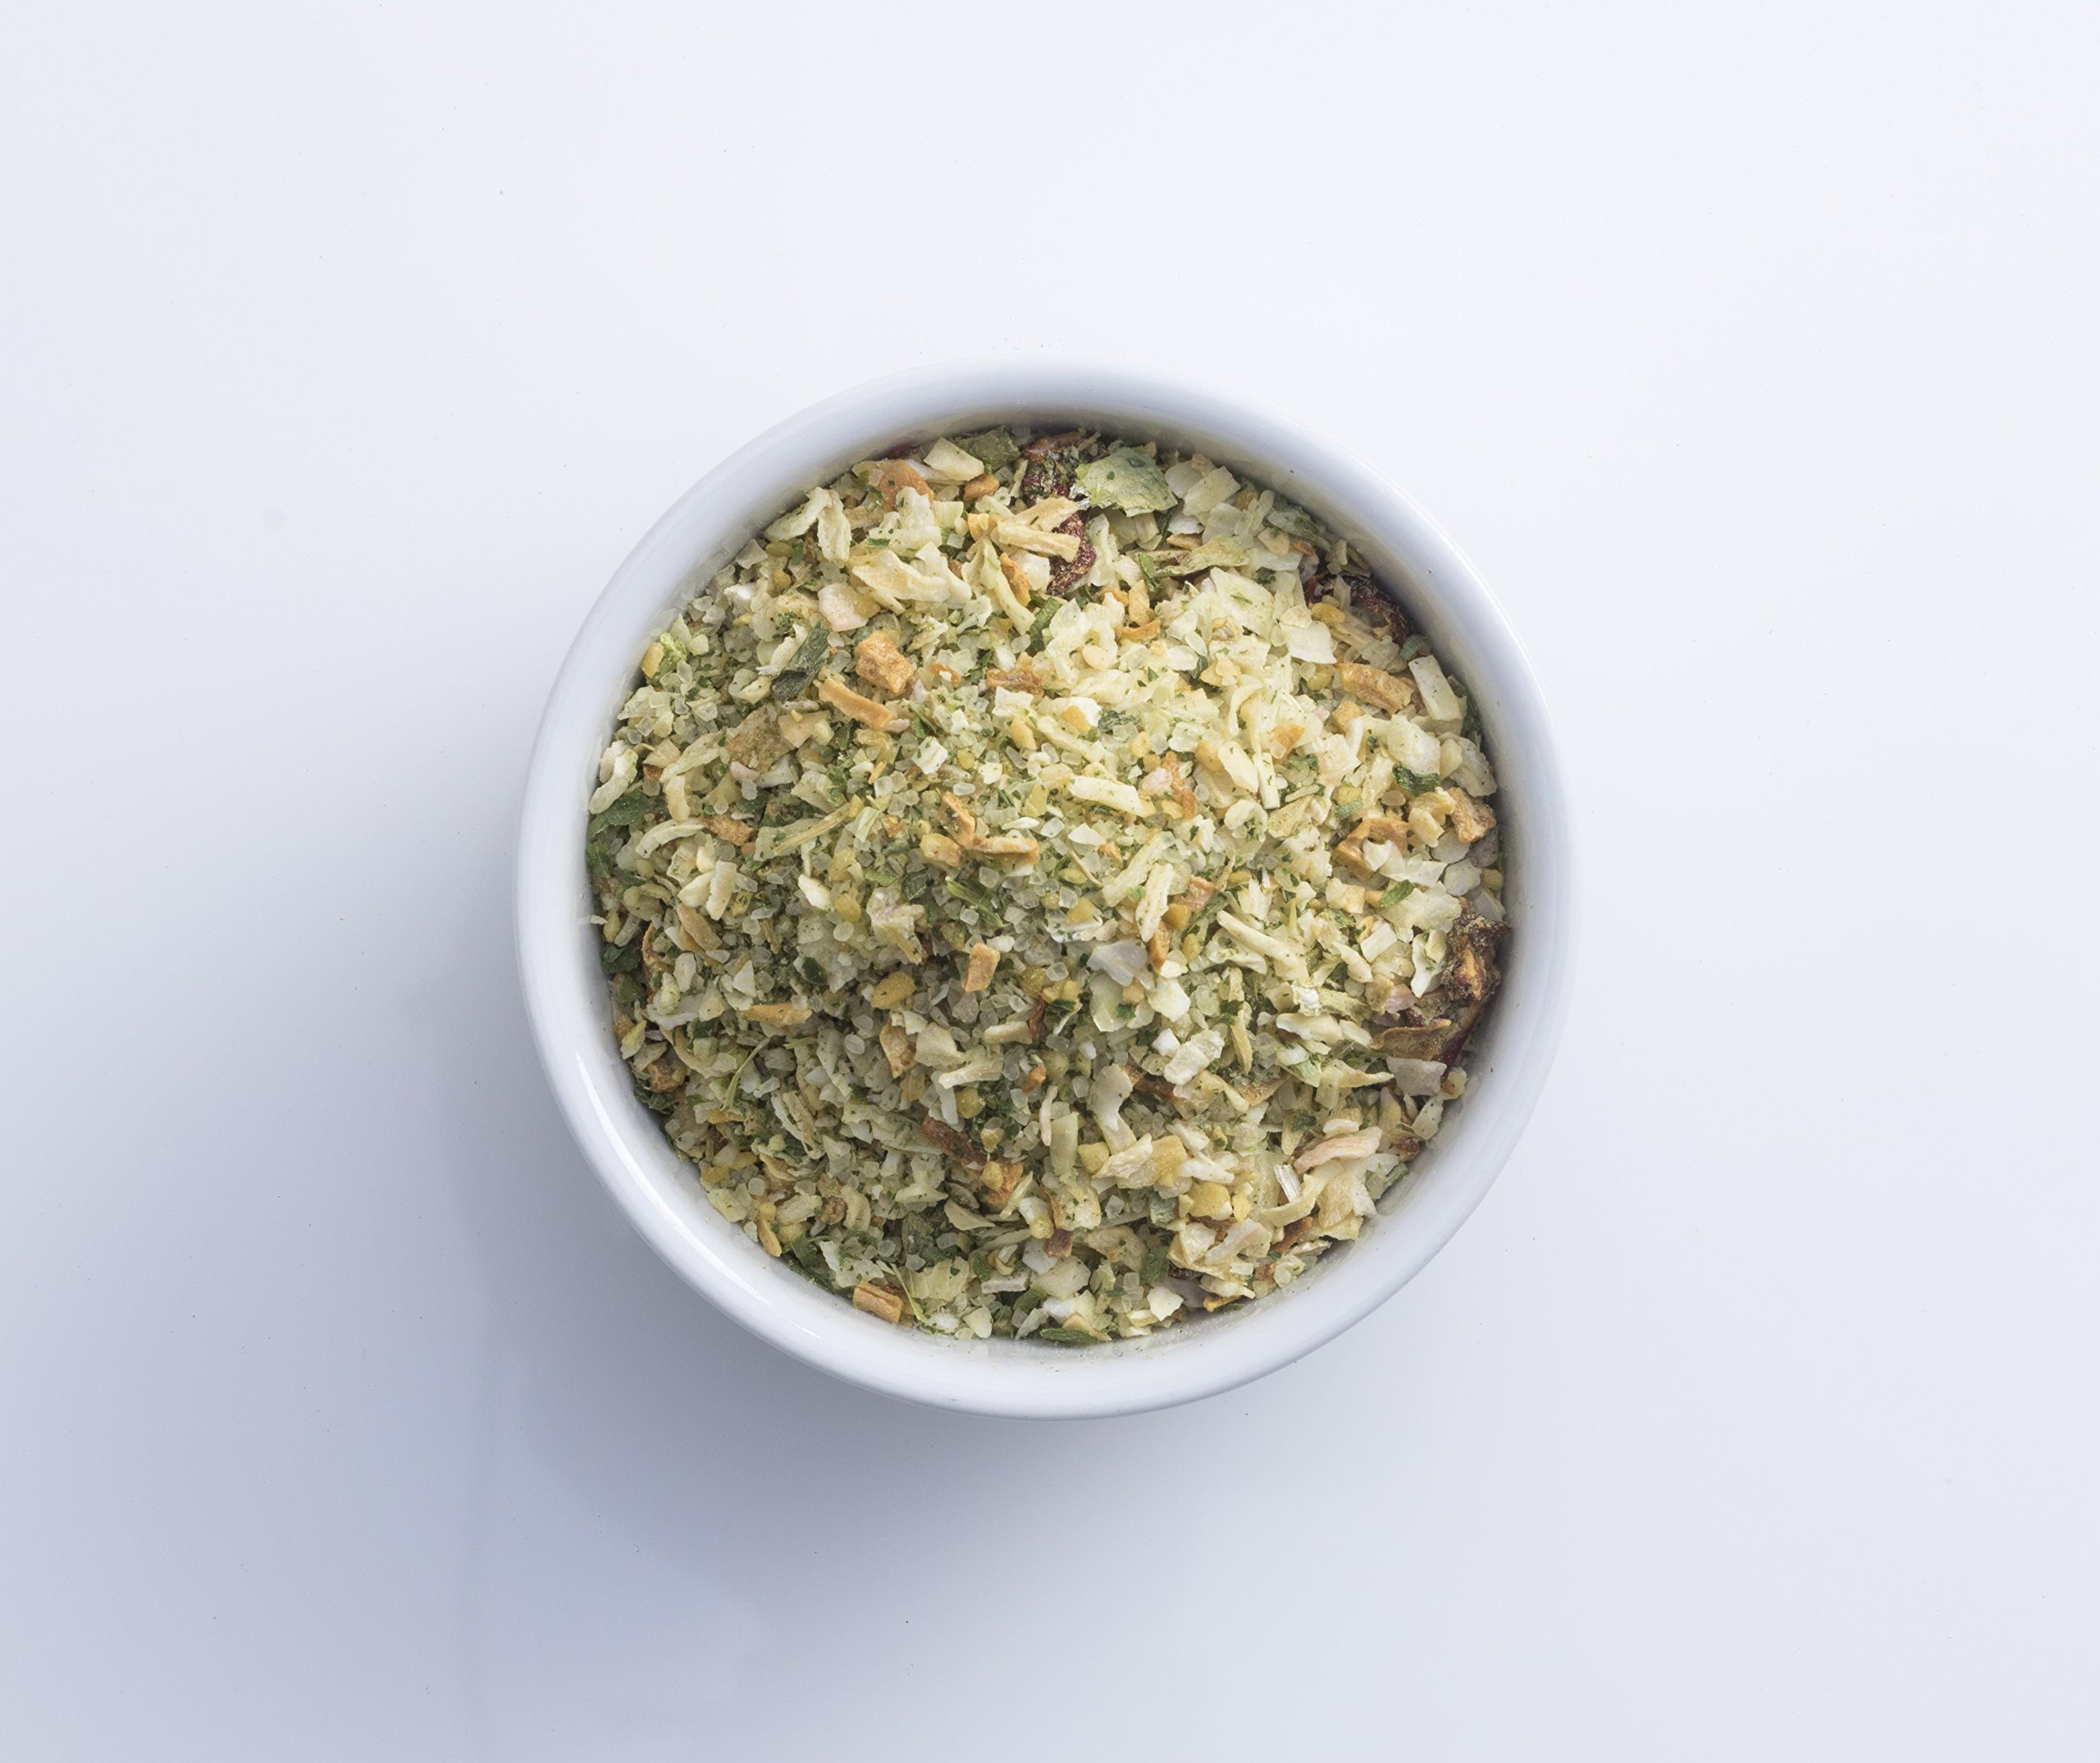 Tastefully Simple Super Seasoning Pack - 7 Pack Ultimate Seasoning Set by Tastefully Simple (Image #5)